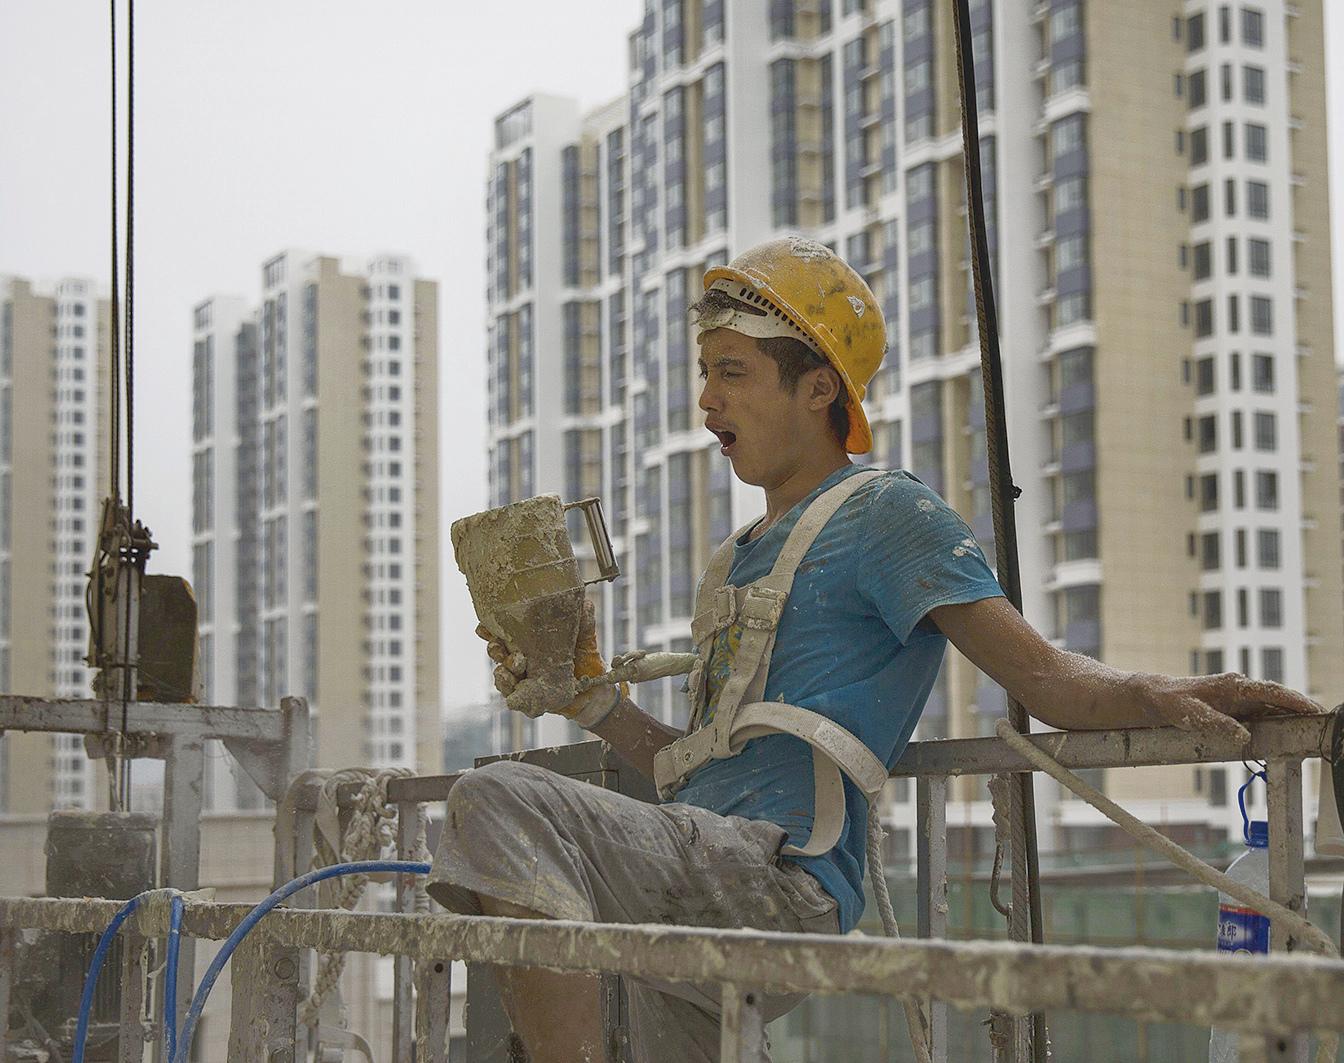 最近一年內,北京樓市進行了近50次調控,目前,房價比去年底平均每平米下降1萬元左右。圖為北京施工地盤上一名在休息的建築工人。(Getty Images)